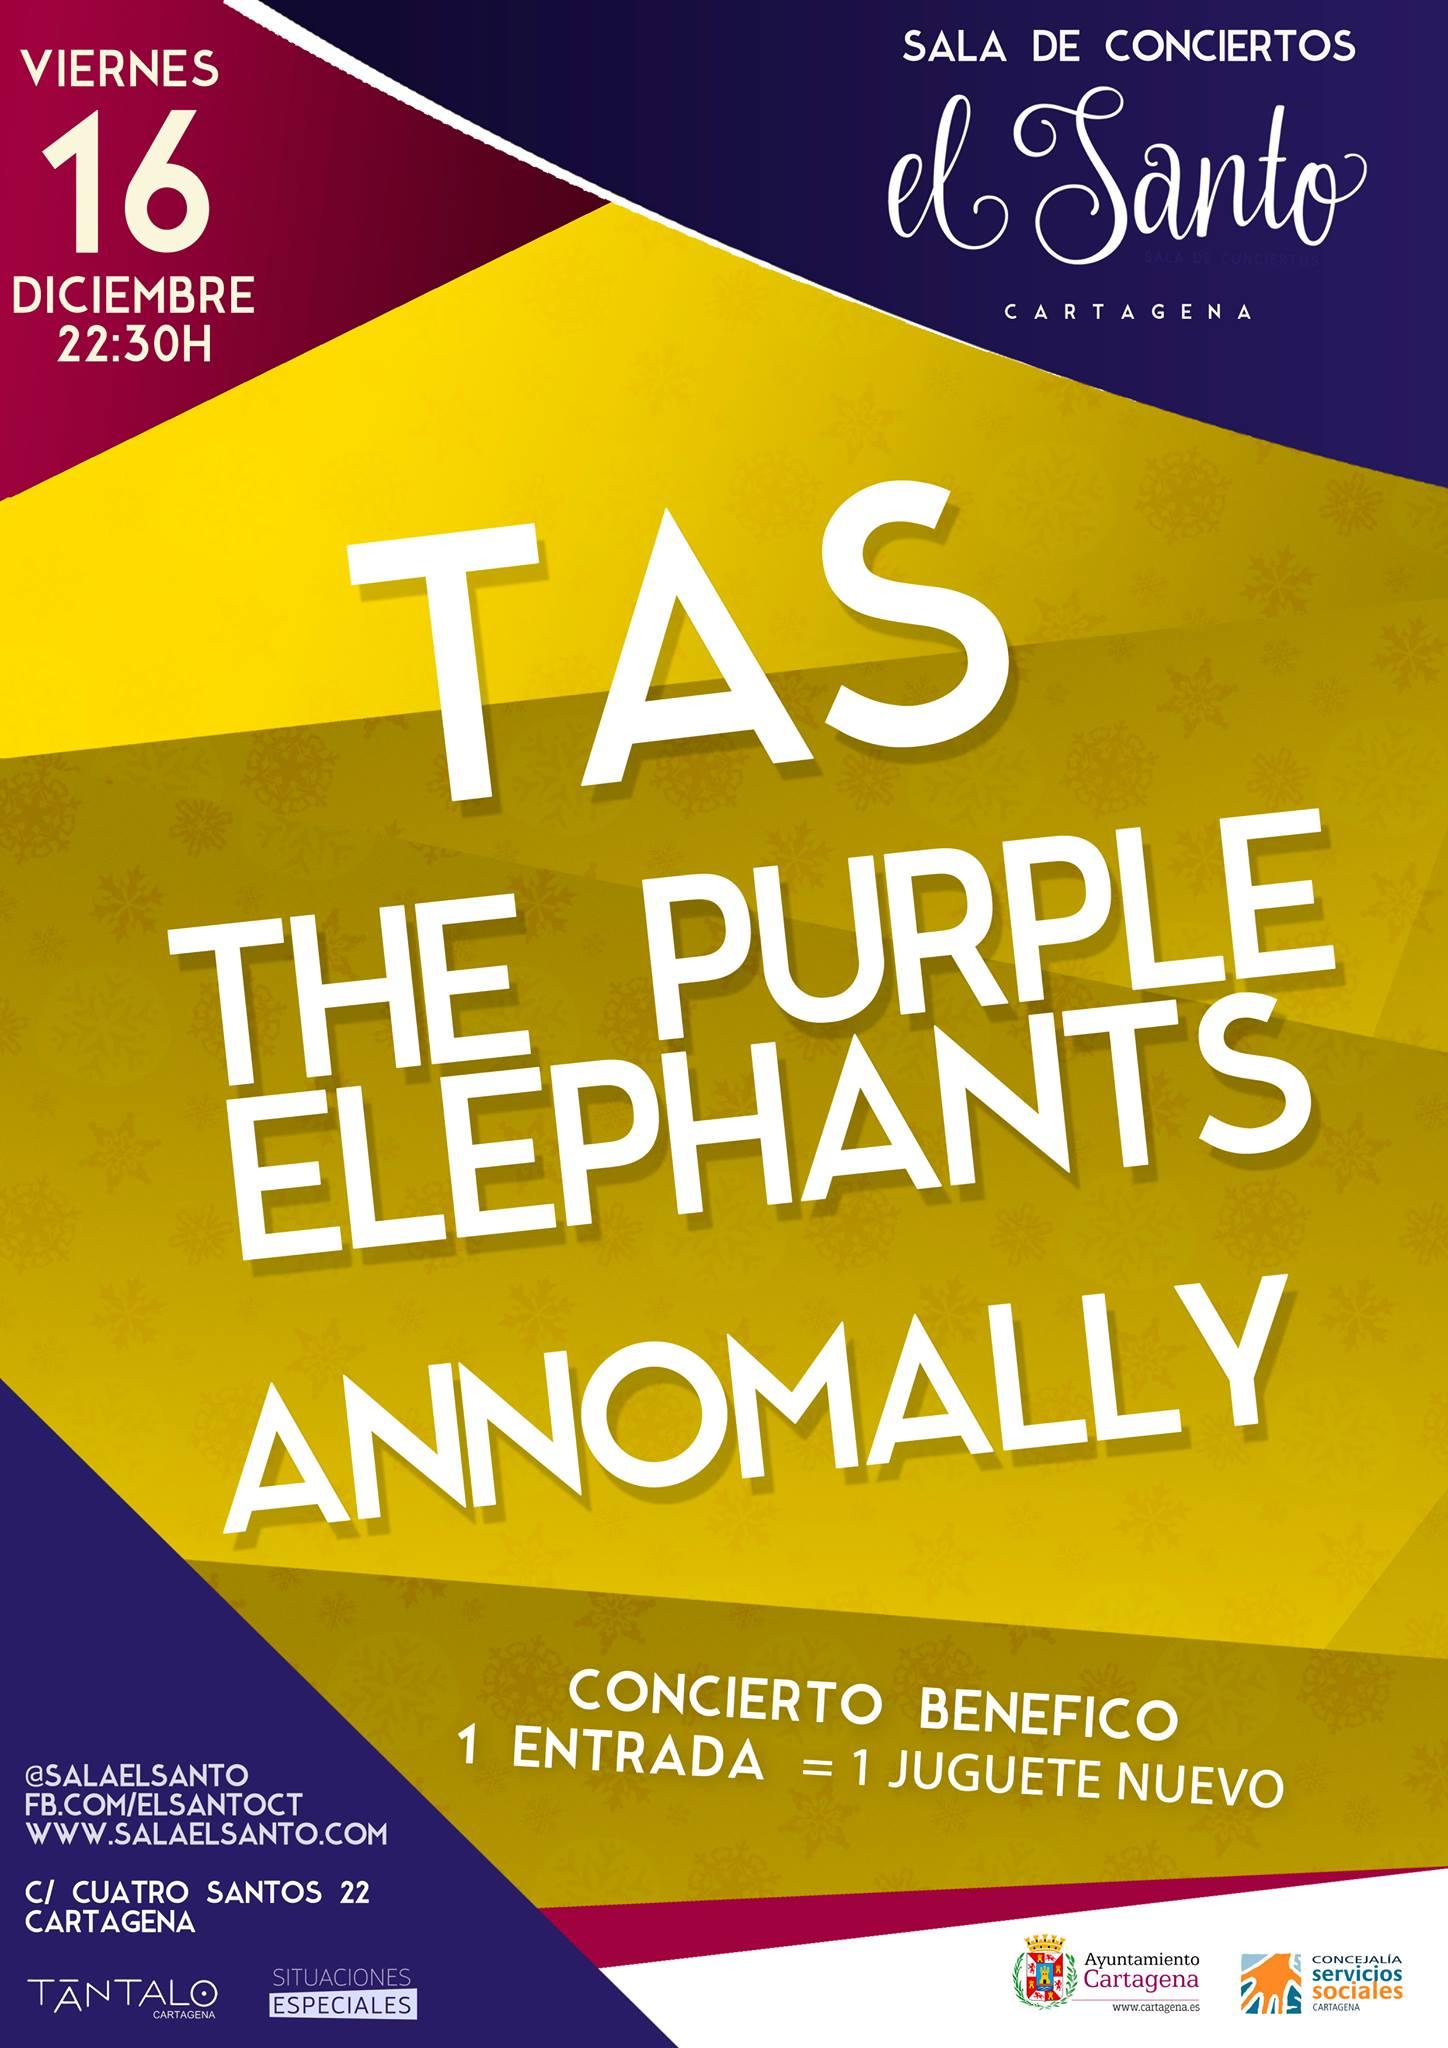 Concierto benéfico en Sala El Santo con T.A.S., Annomally y The Purple Elephants